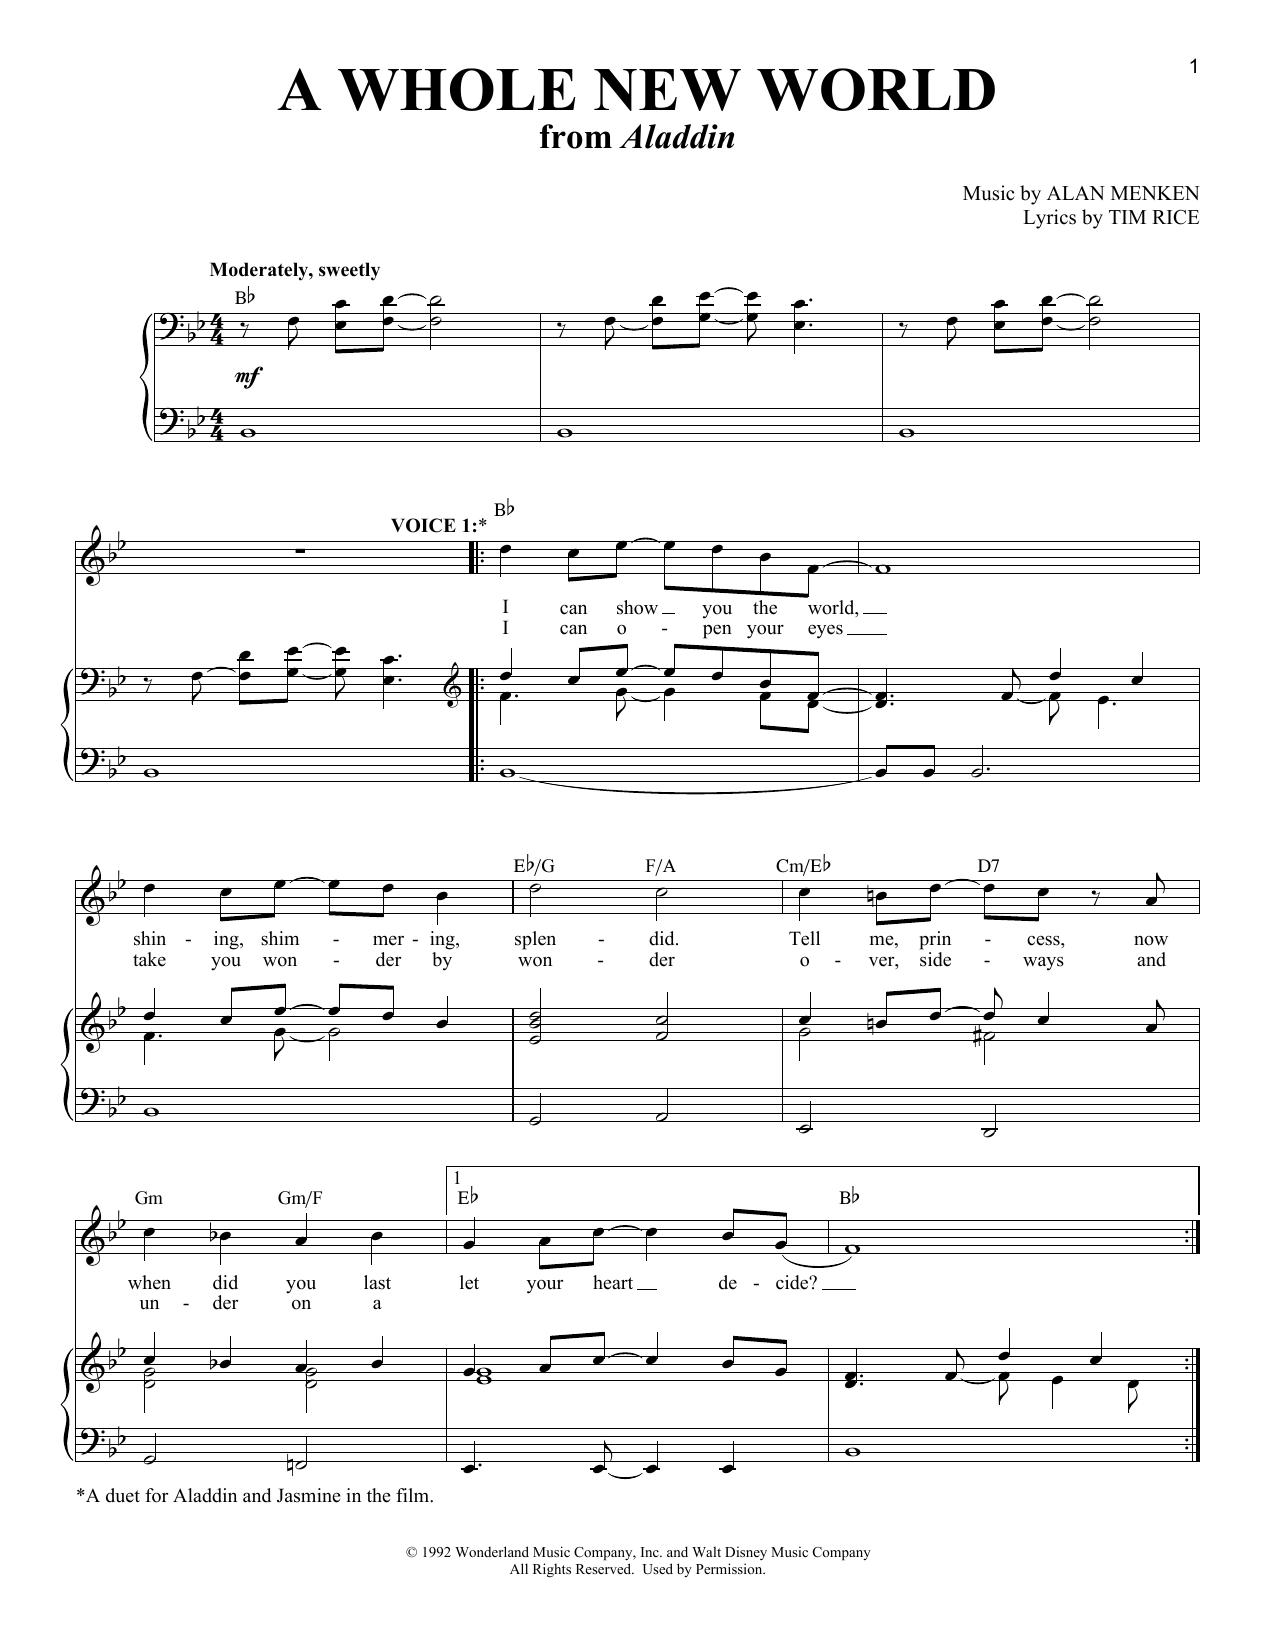 A Whole New World (Aladdin's Theme) Sheet Music